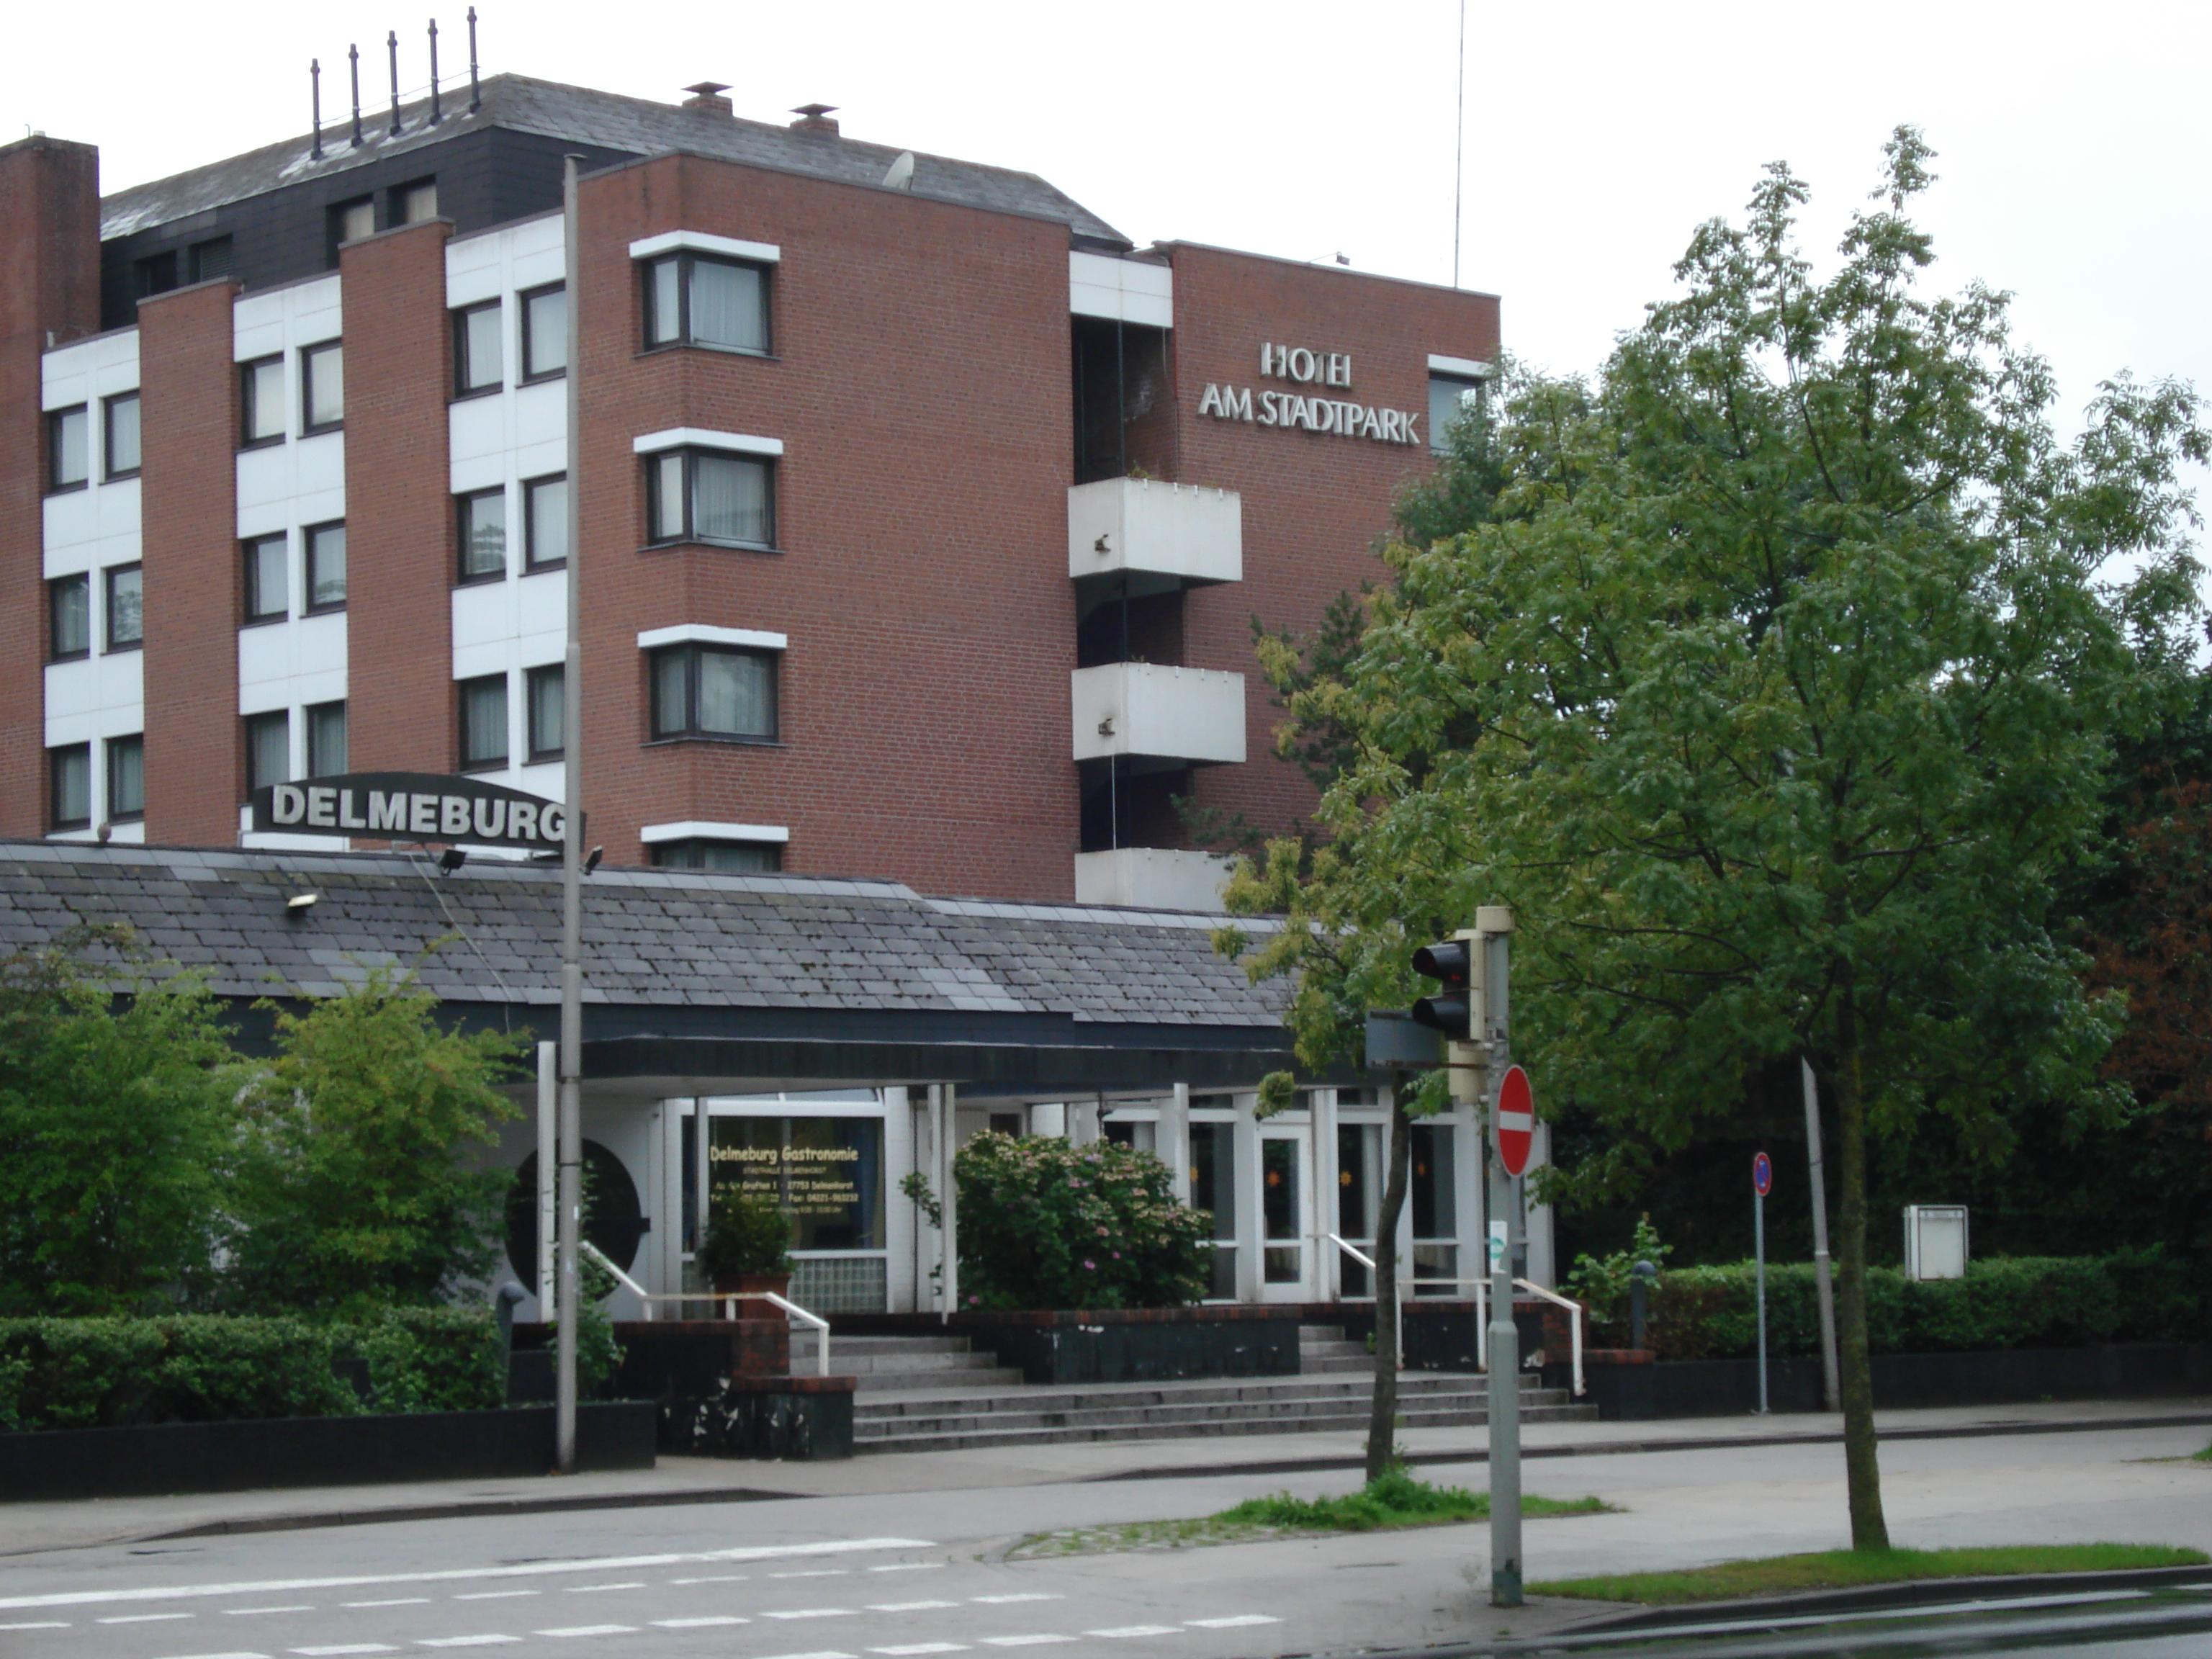 file hotel am stadtpark delmenhorst jpg wikimedia commons